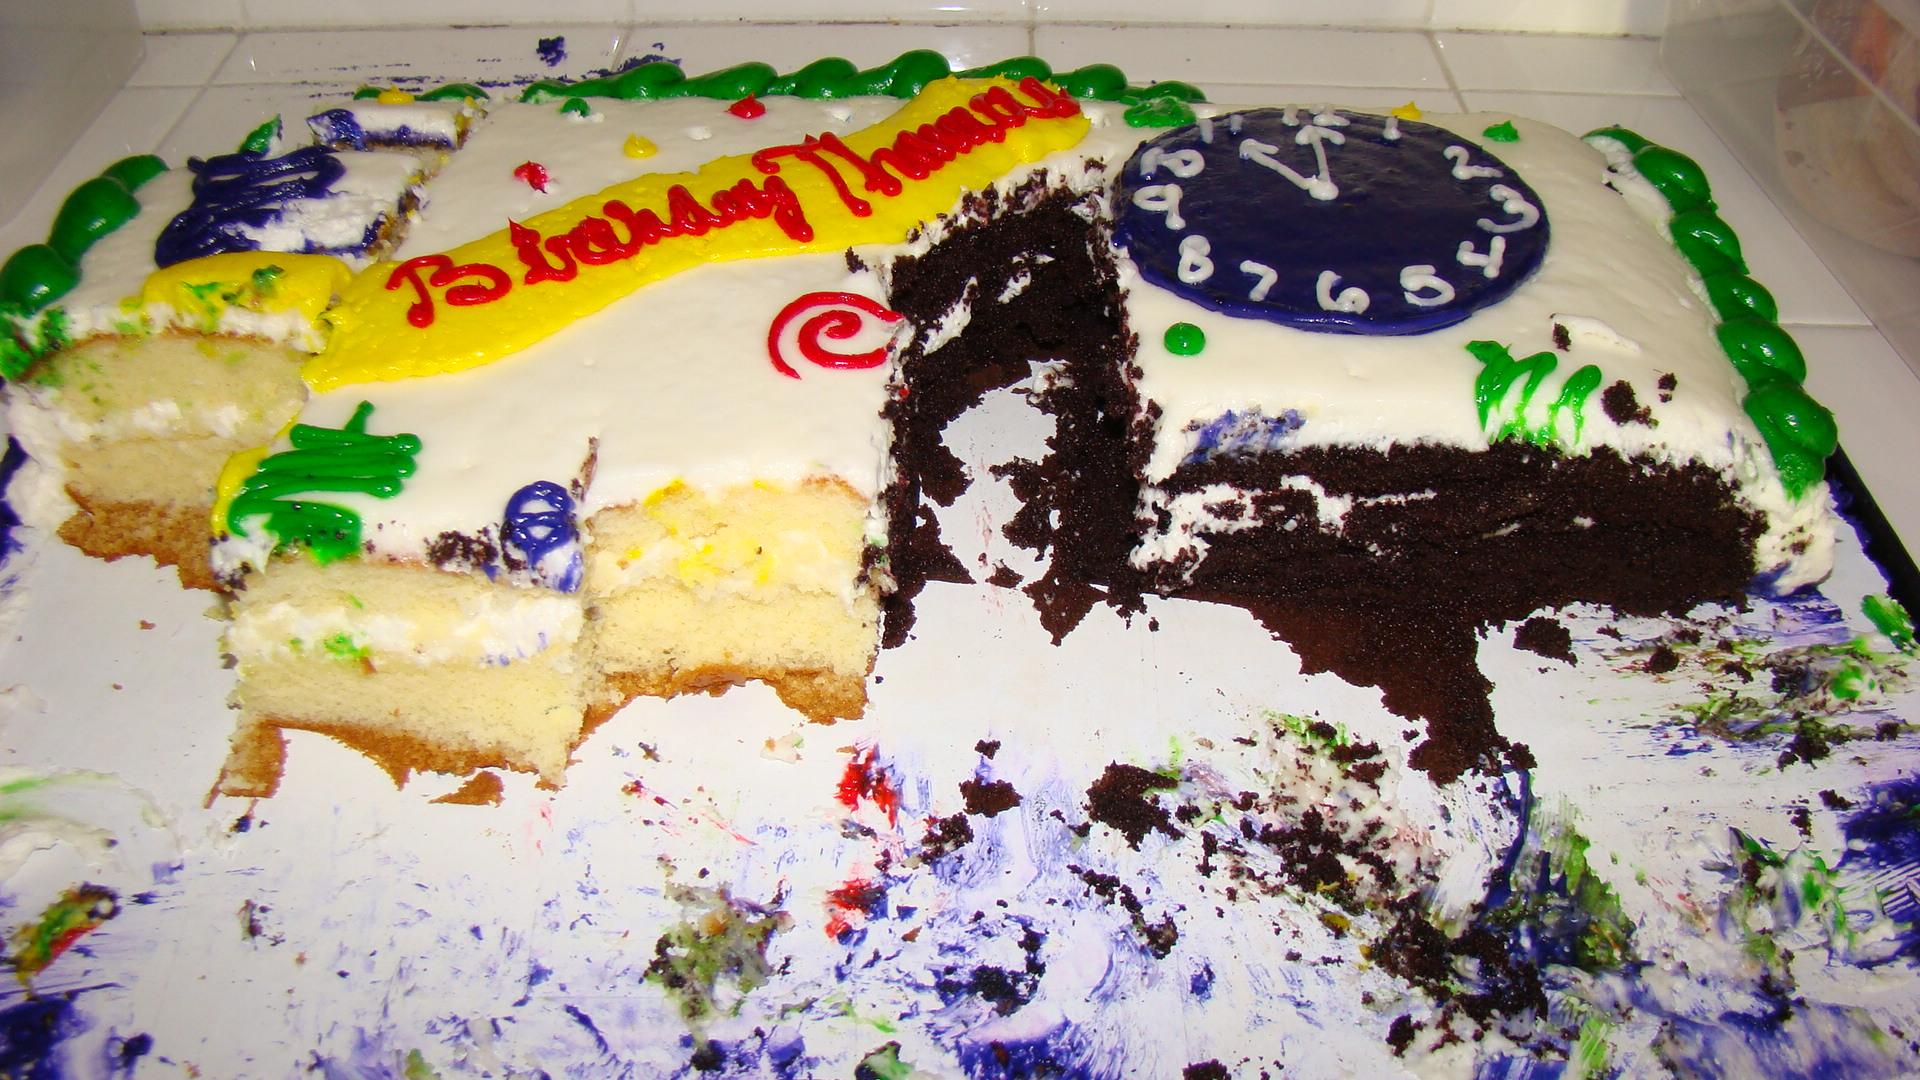 birthday cake vons bakery 6 on birthday cake vons bakery